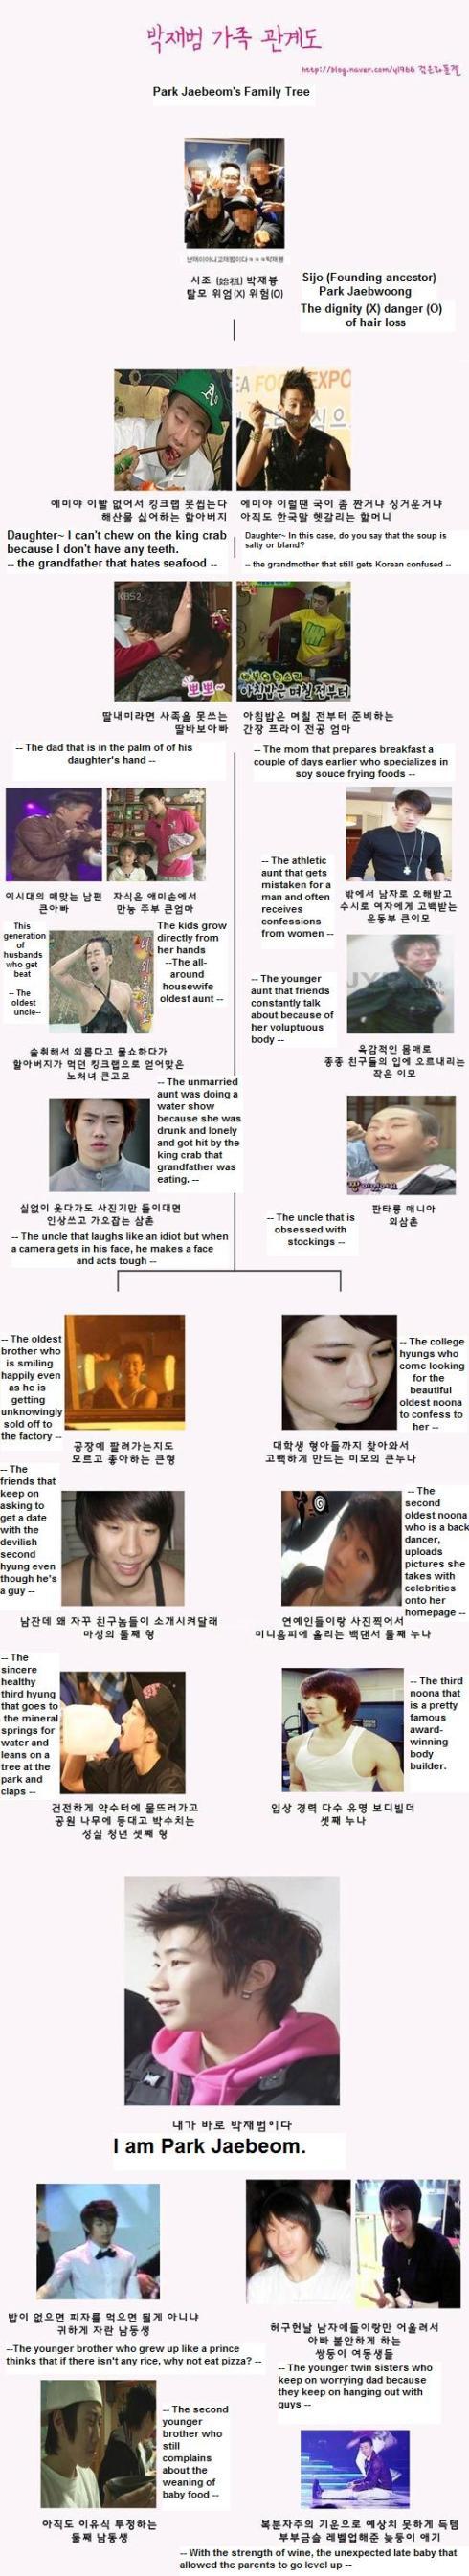 http://sookyeong.files.wordpress.com/2010/04/englishversion.jpg